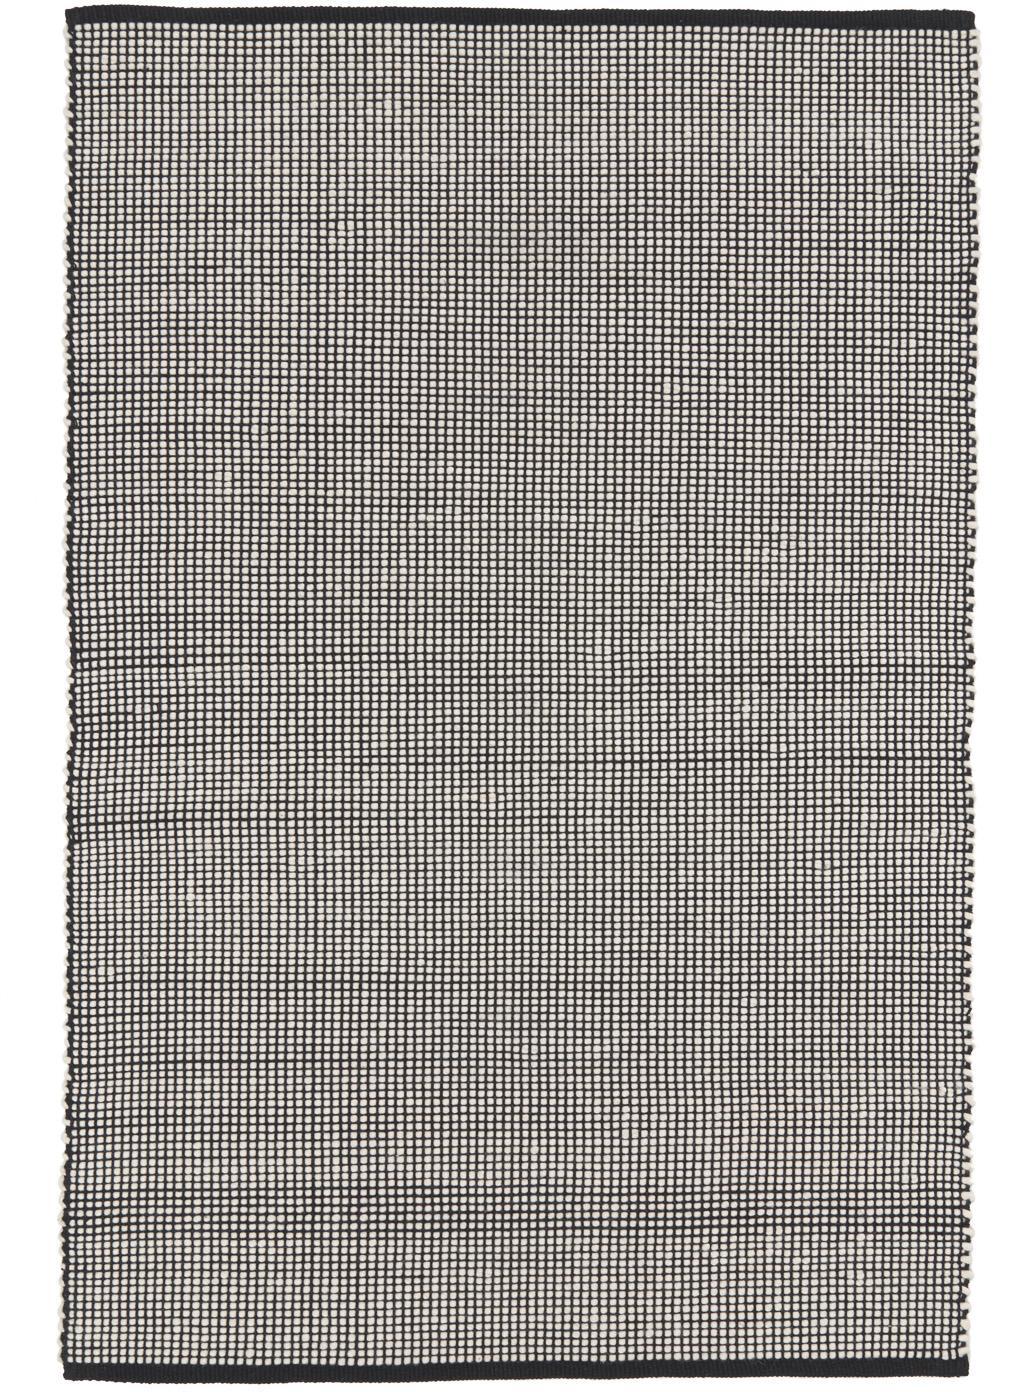 Handgewebter Wollteppich Amaro in Schwarz/Creme, 38% Wolle, 22% Polyester, 20% Baumwolle, 20% Polyamid, Schwarz, Cremeweiss, B 120 x L 180 cm (Grösse S)